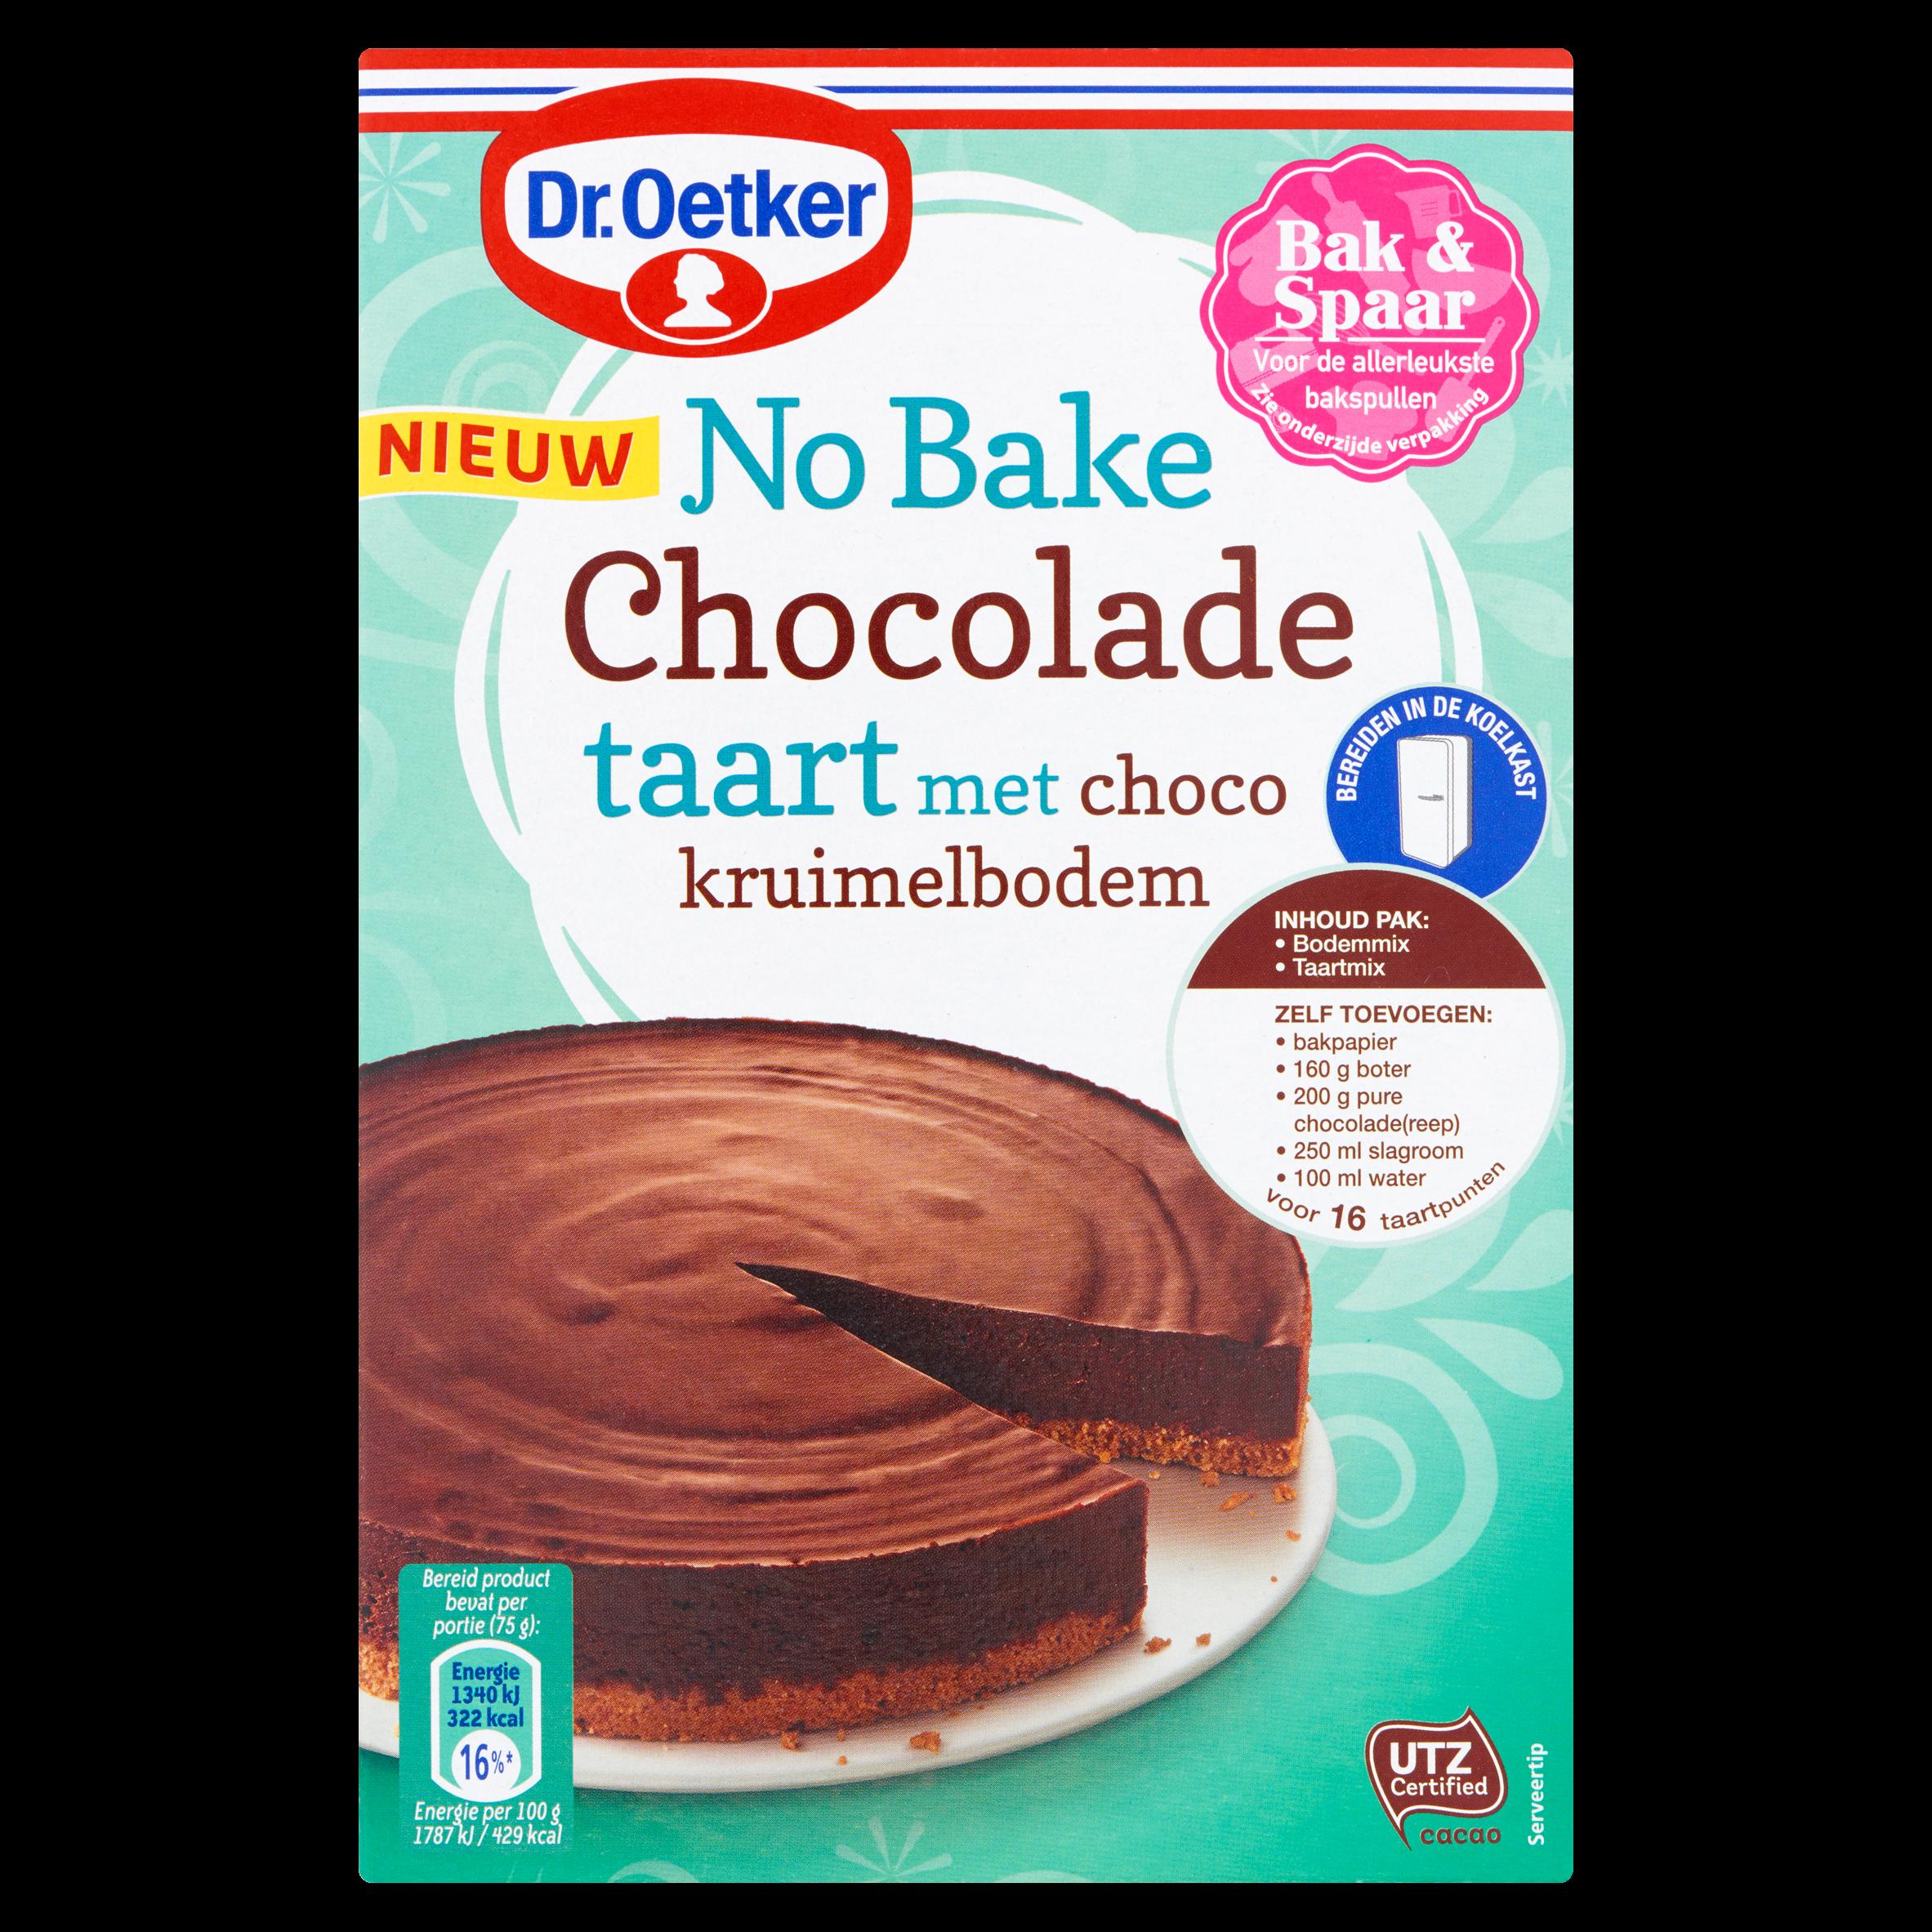 Dr. Oetker No Bake Chocolade Taart met Choco Kruimelbodem 450 g